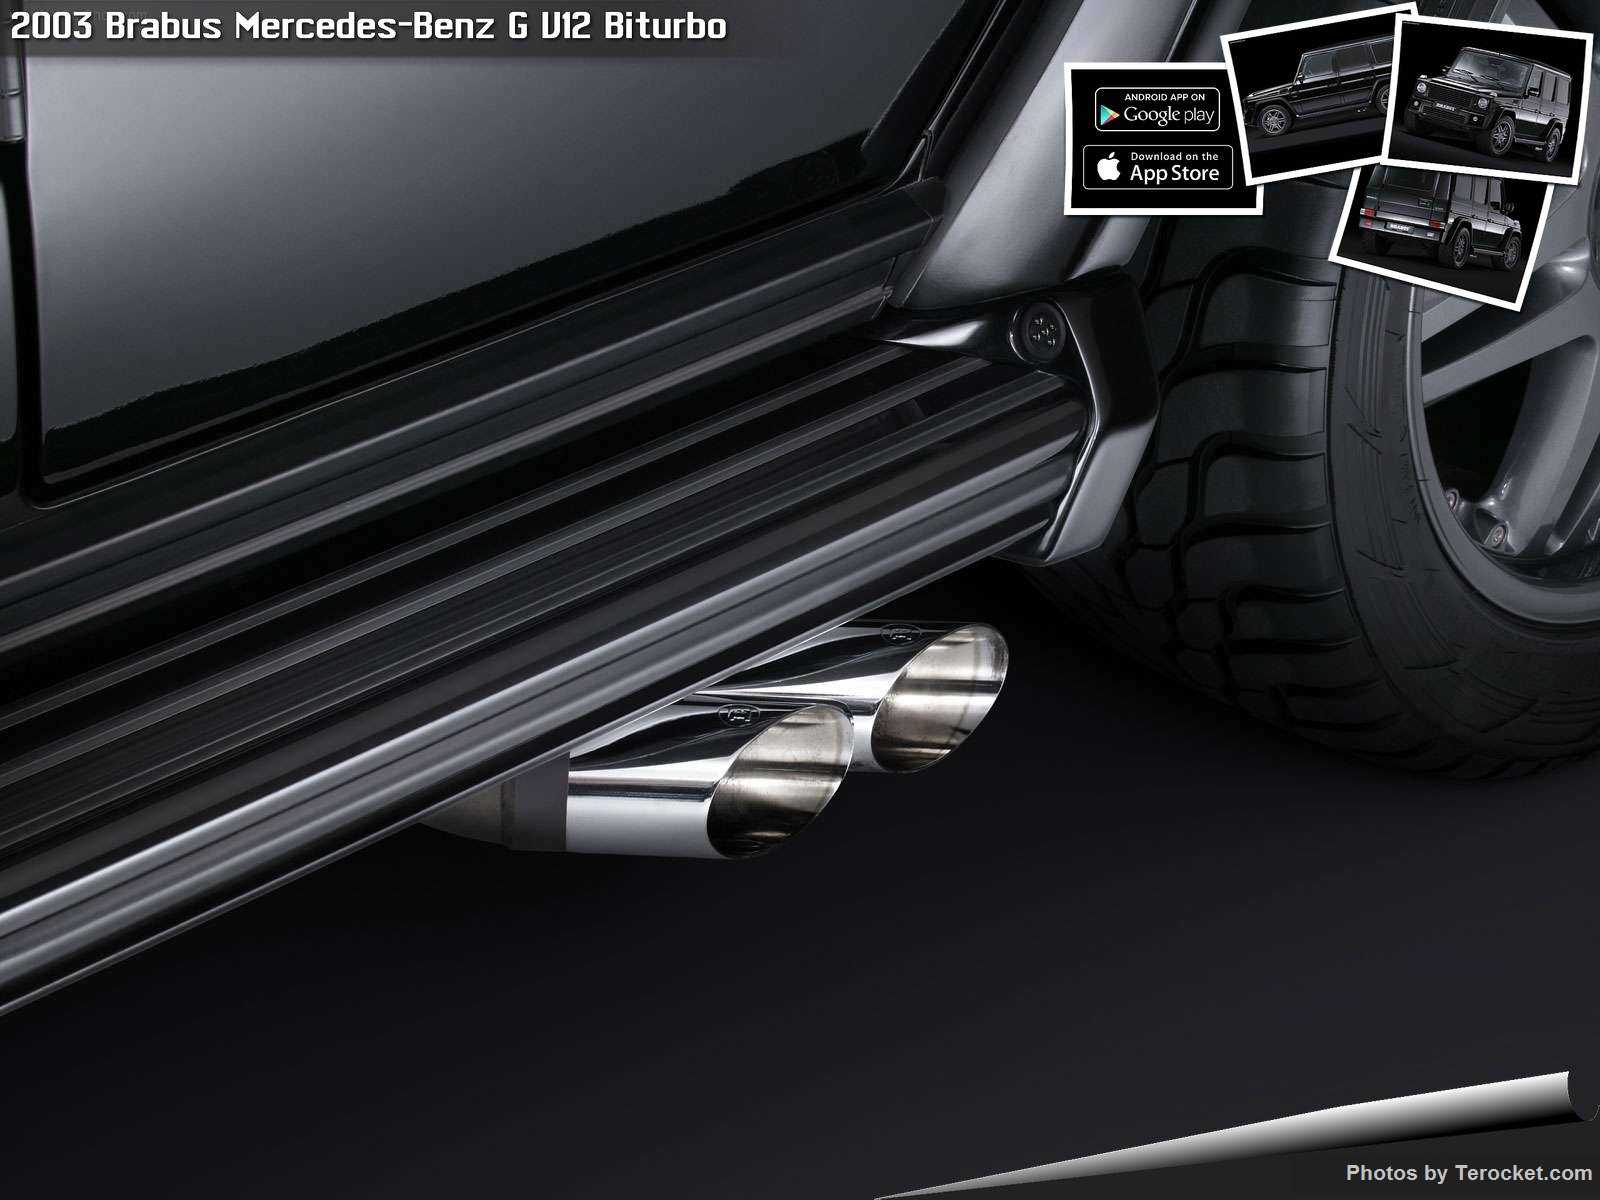 Hình ảnh xe ô tô Brabus Mercedes-Benz G-Class 2003 & nội ngoại thất